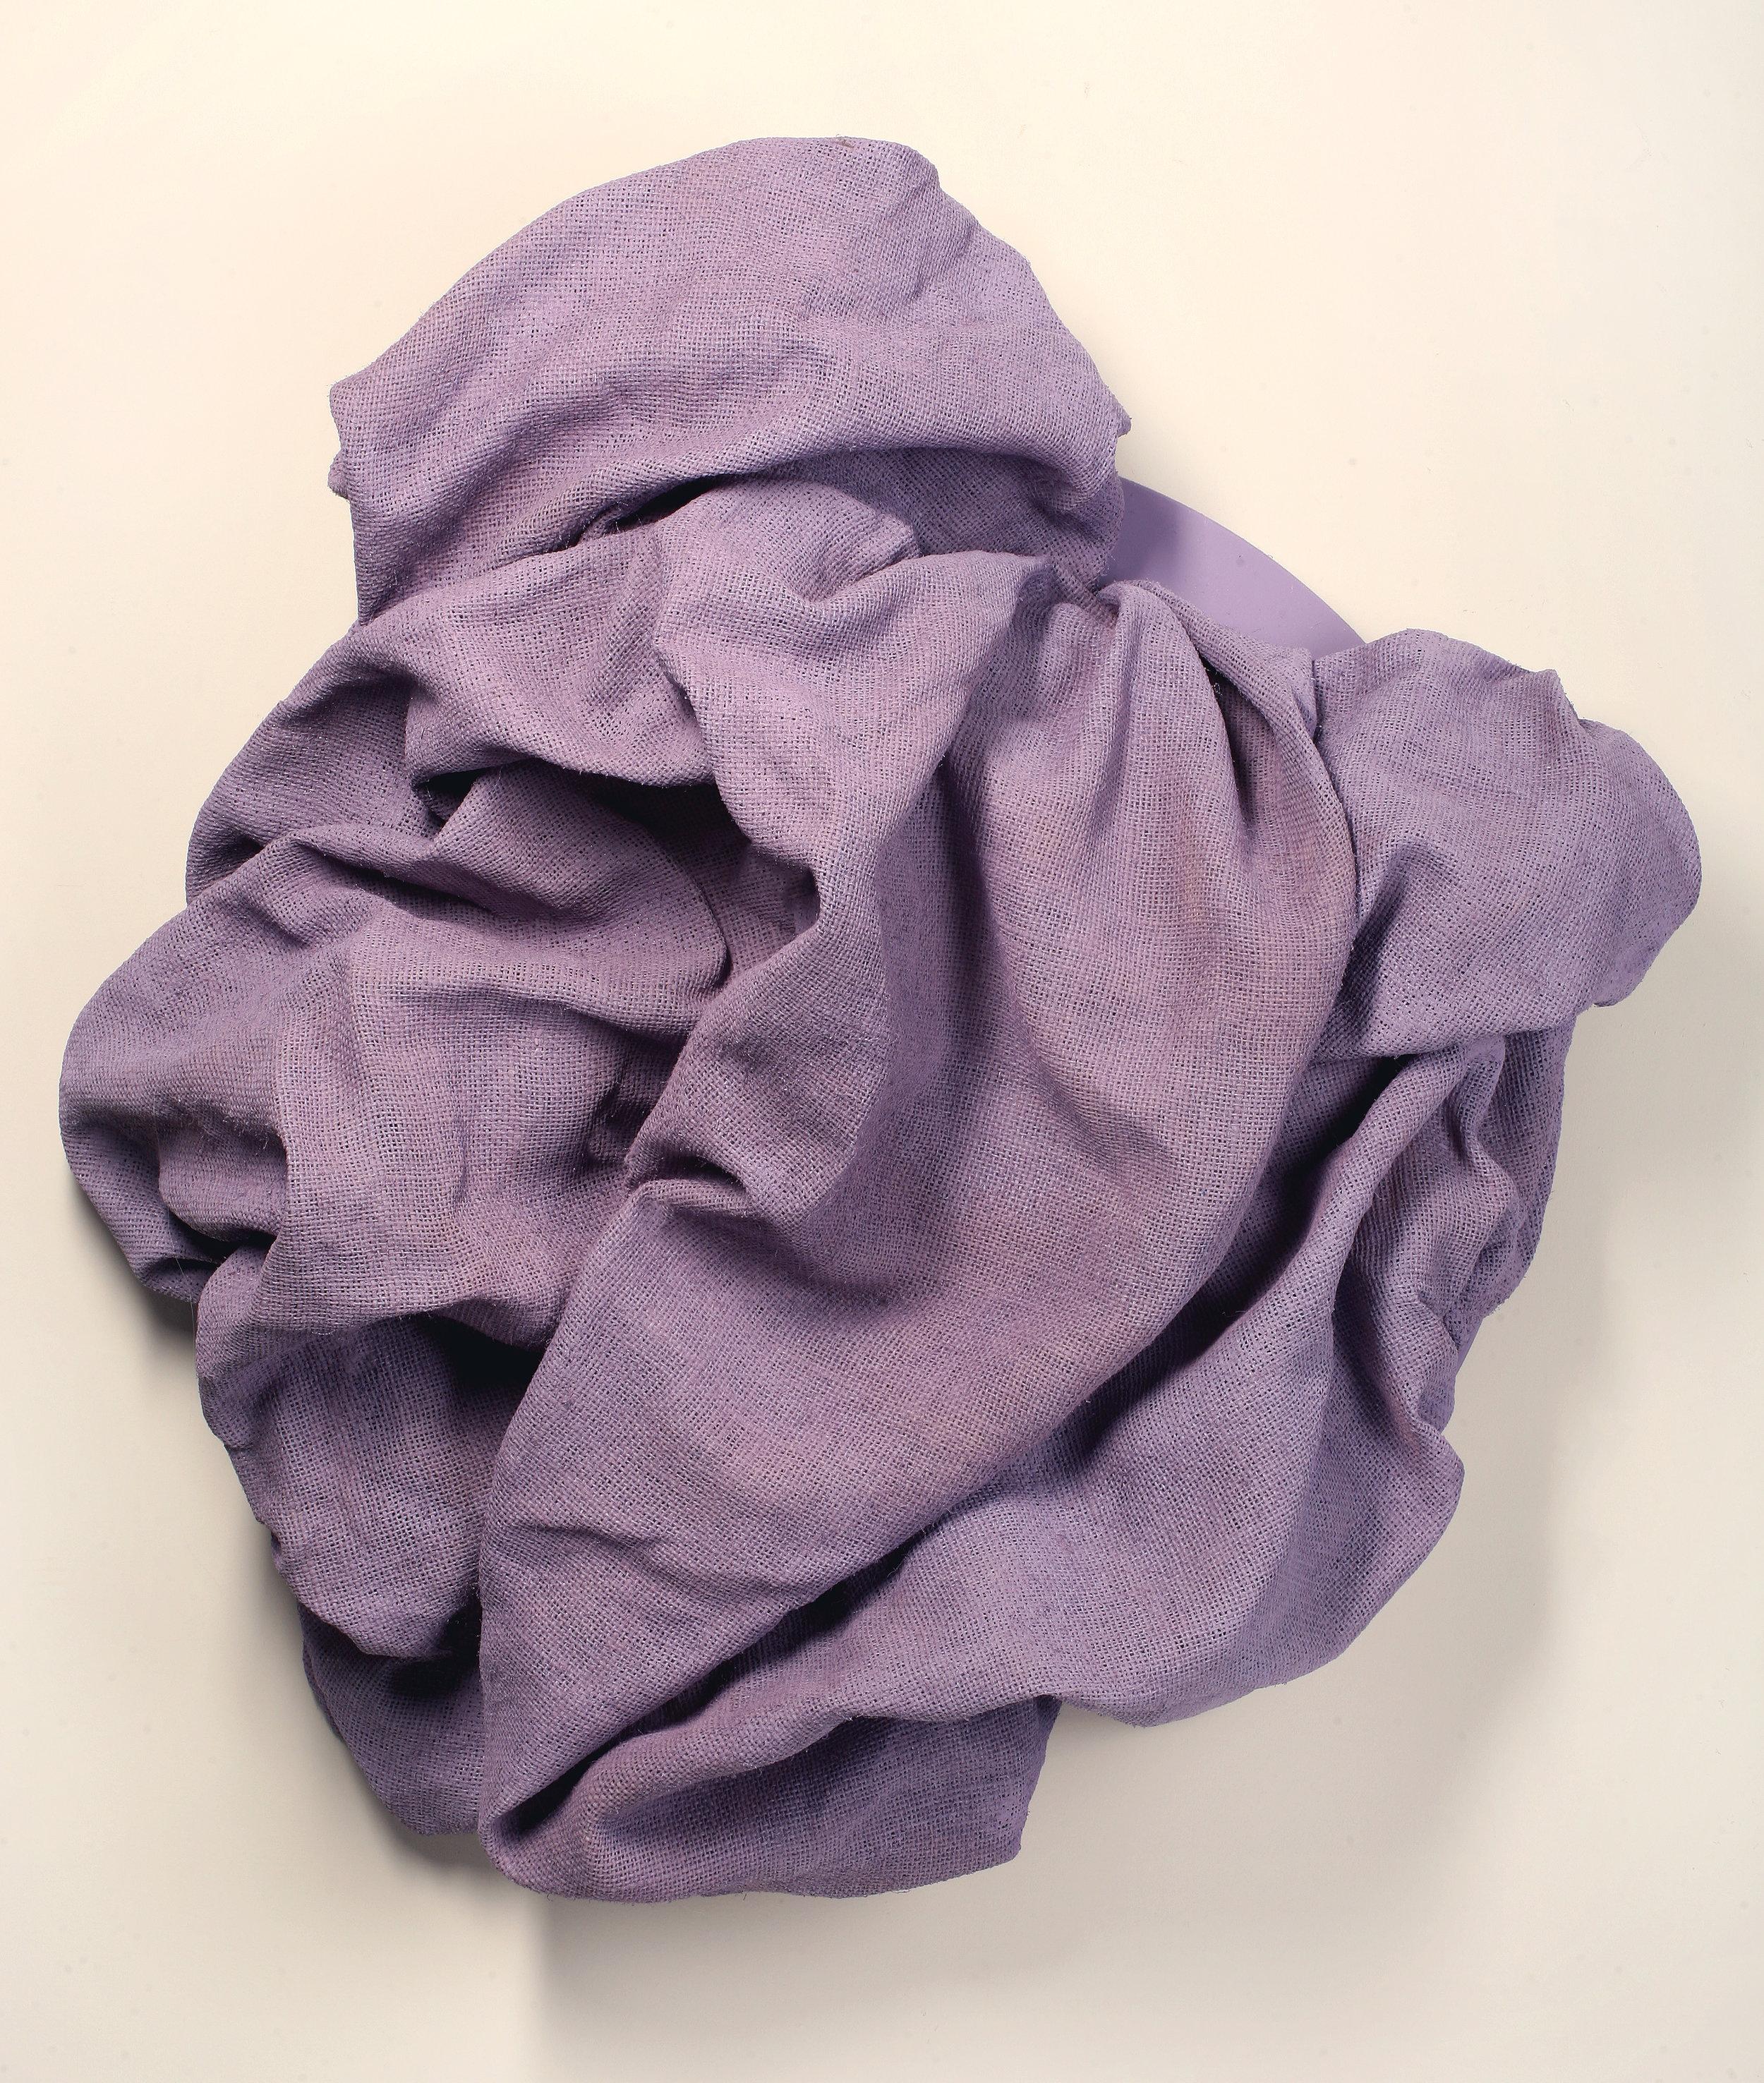 Lavender Folds 2